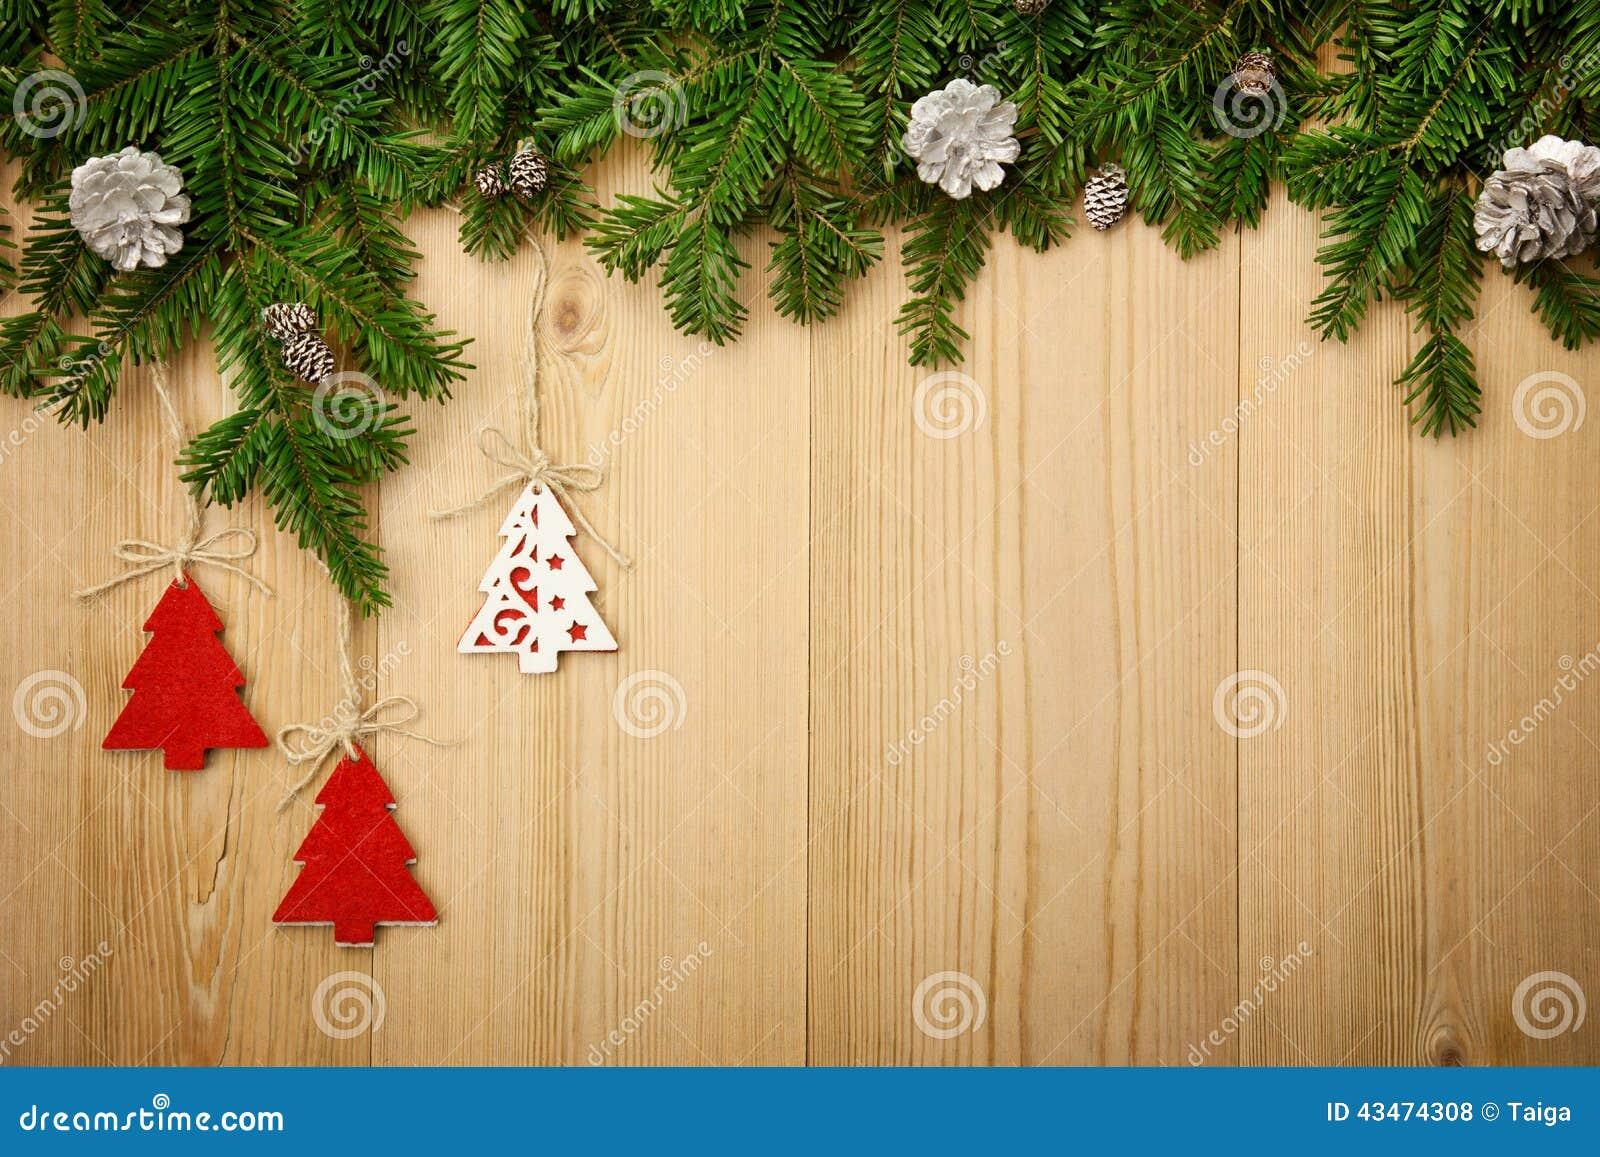 Υπόβαθρο Χριστουγέννων με firtree, τα διακοσμητικούς δέντρα και τους κώνους επάνω